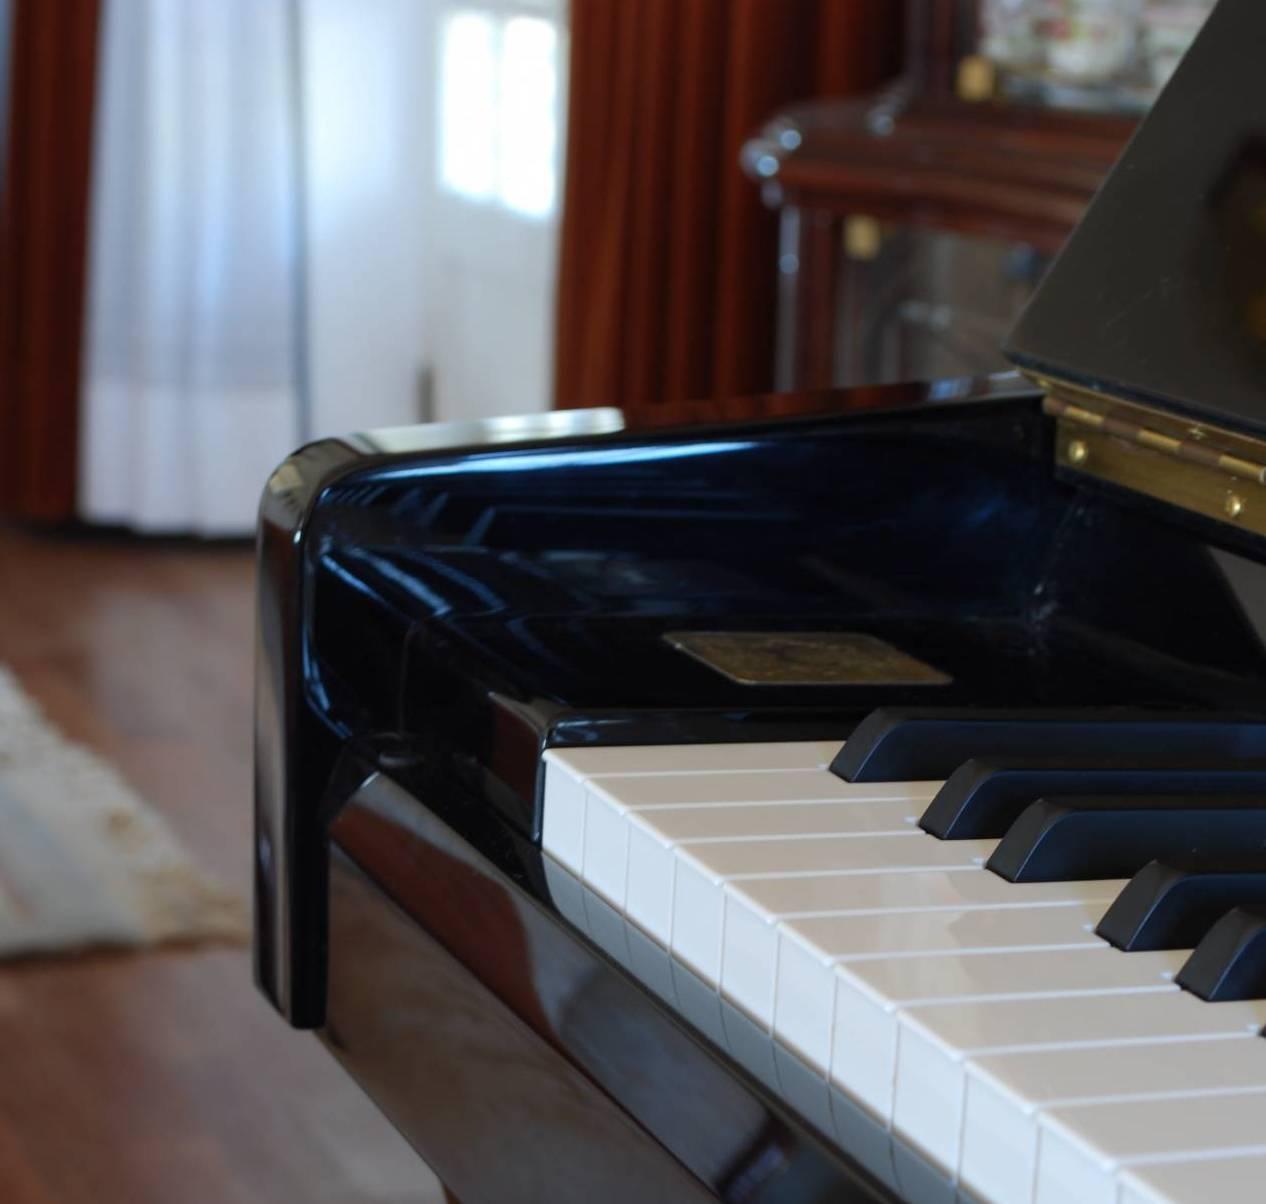 私はピアニスト! 第14話  2017/12/20  コミュニケーションの取り方!